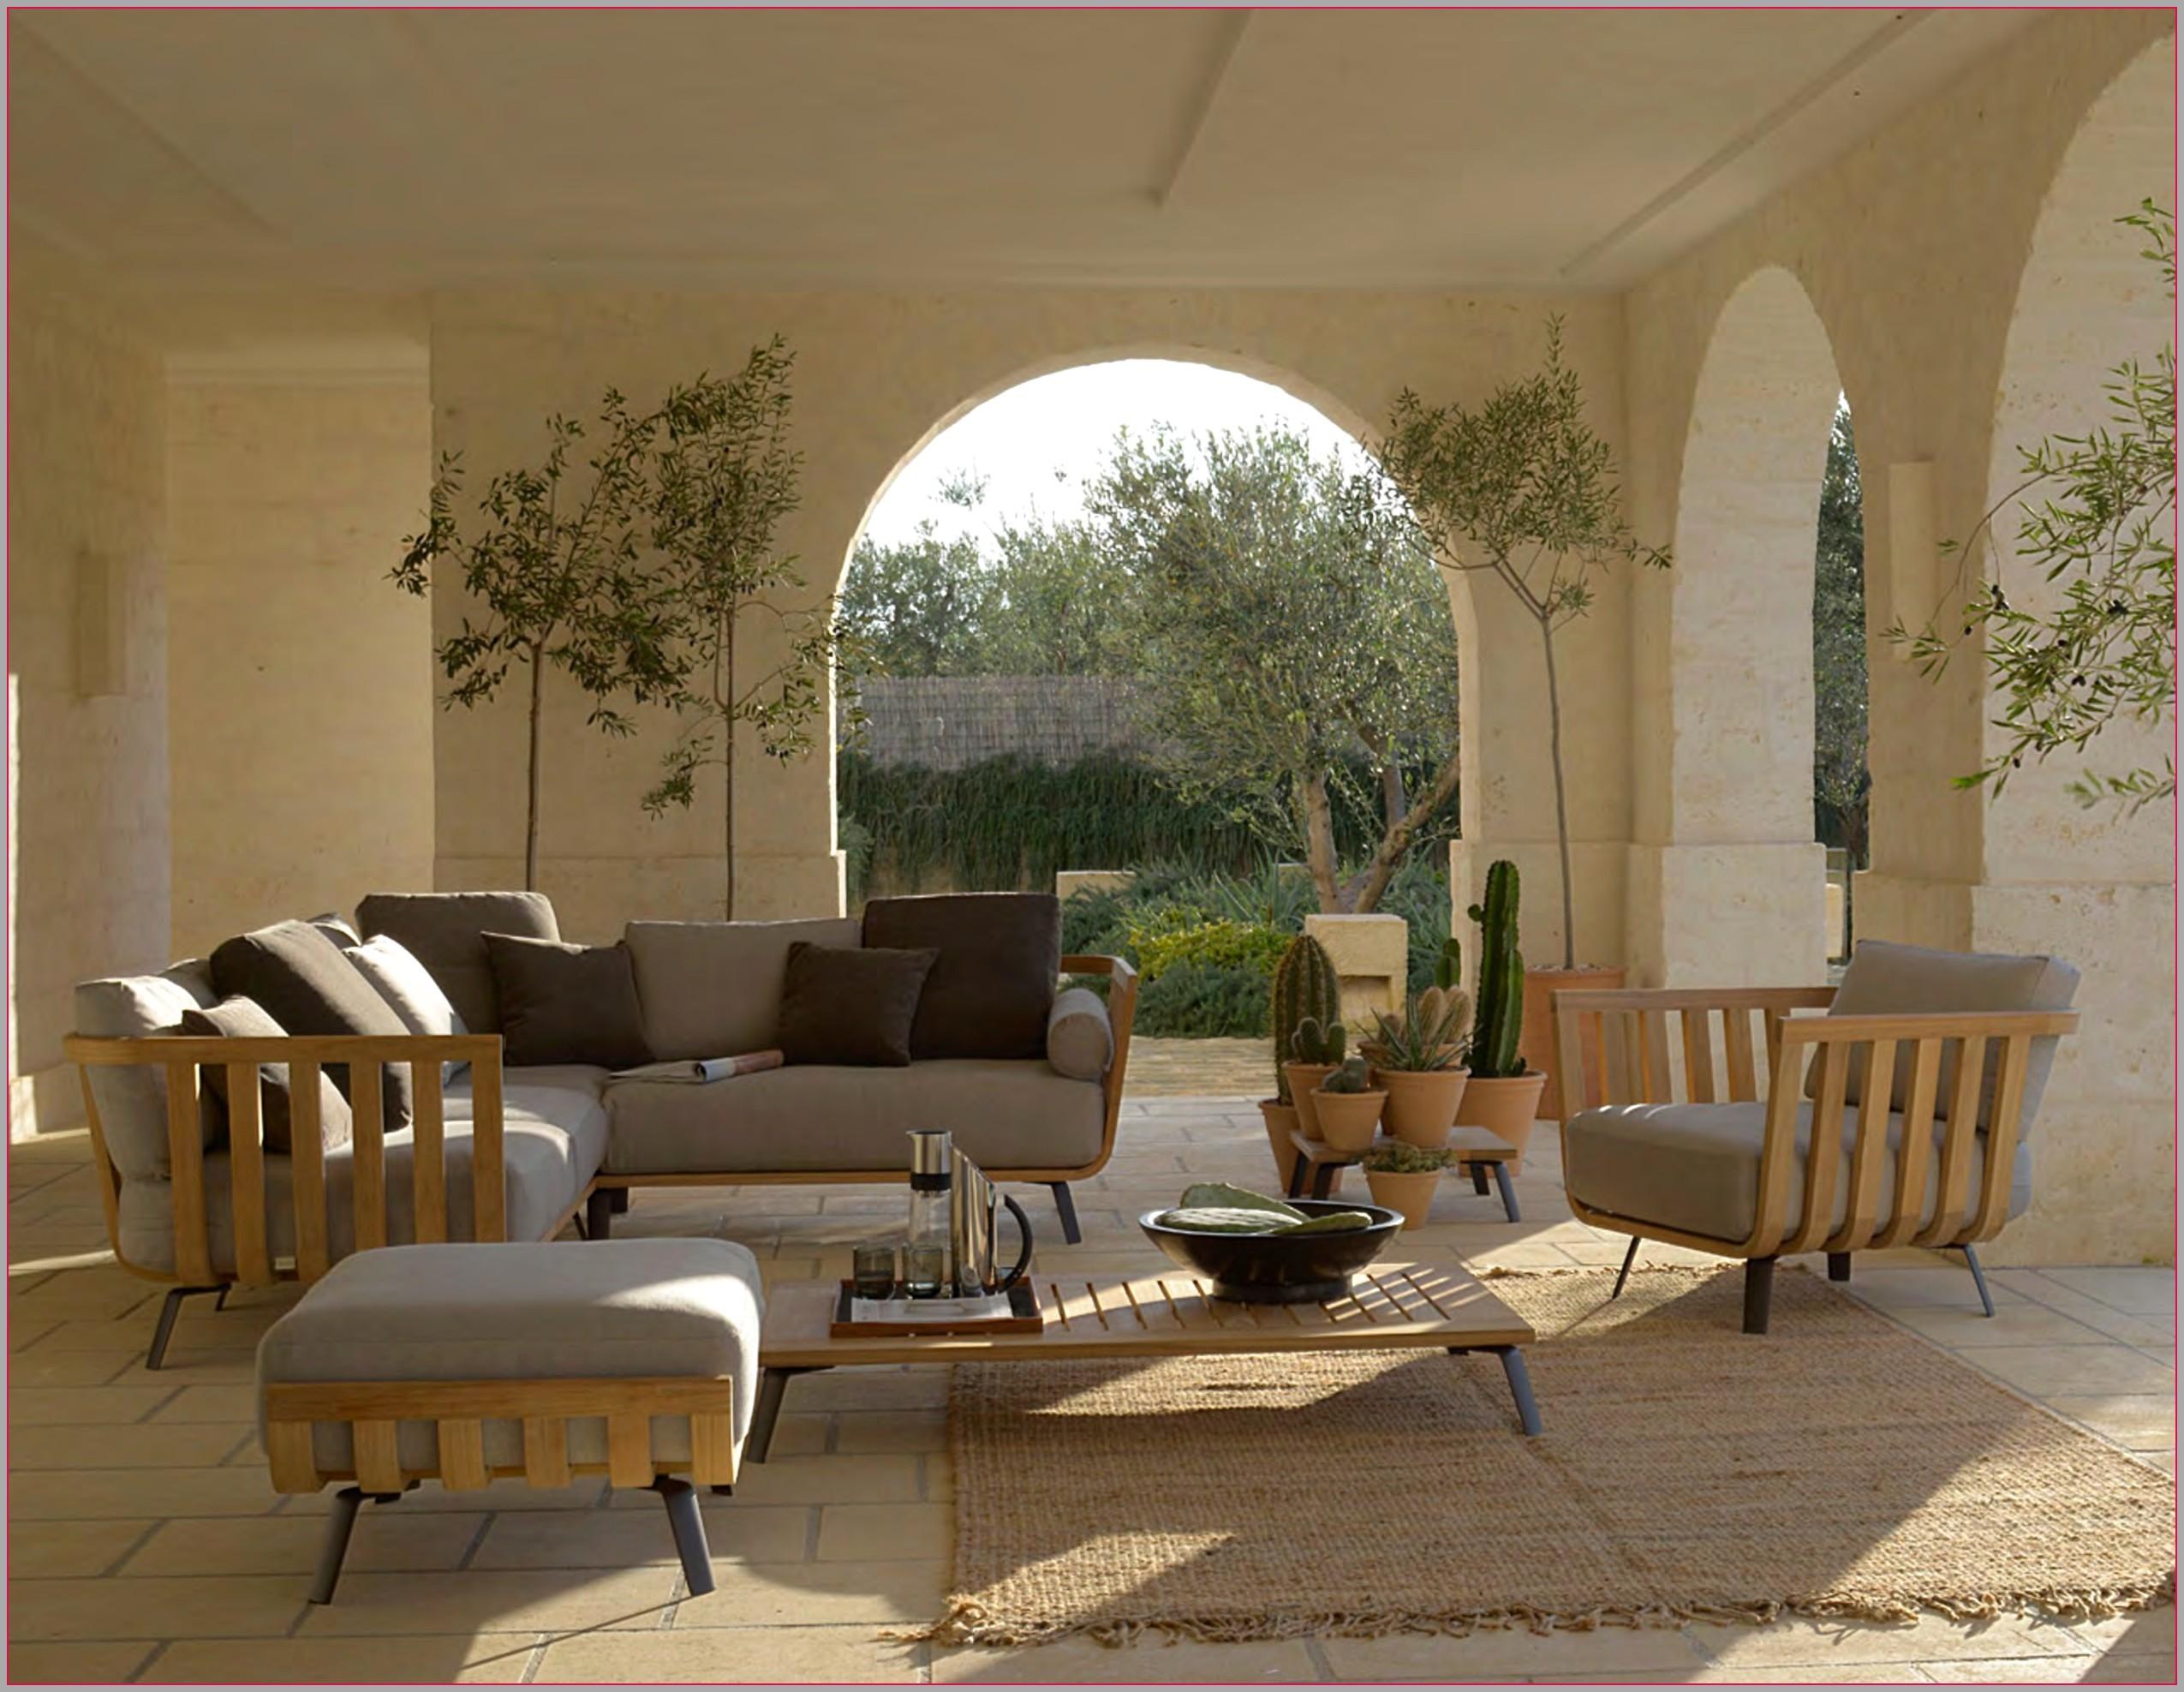 Salon de jardin encastrable truffaut - Abri de jardin et balancoire idée